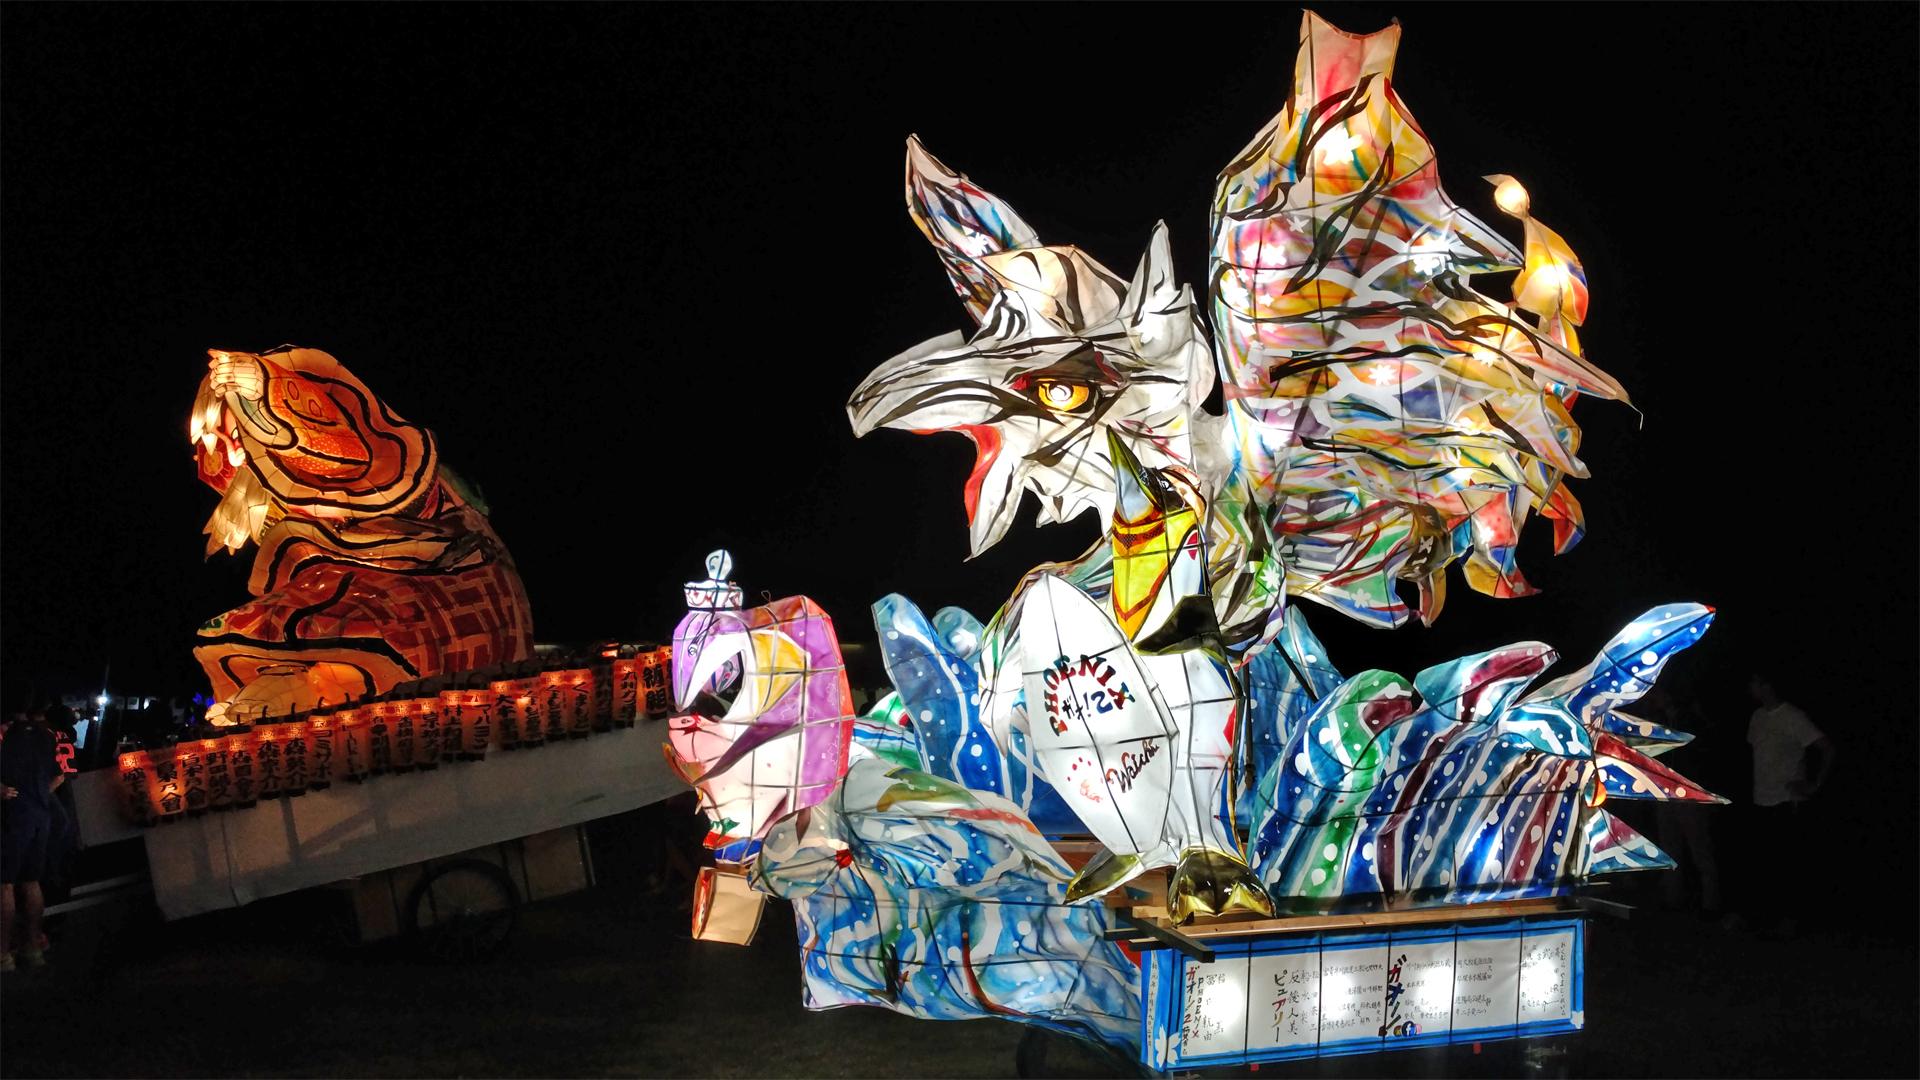 熊本復興ねぶた2019が開催されました!今年は熊本オリジナルのねぶたも登場